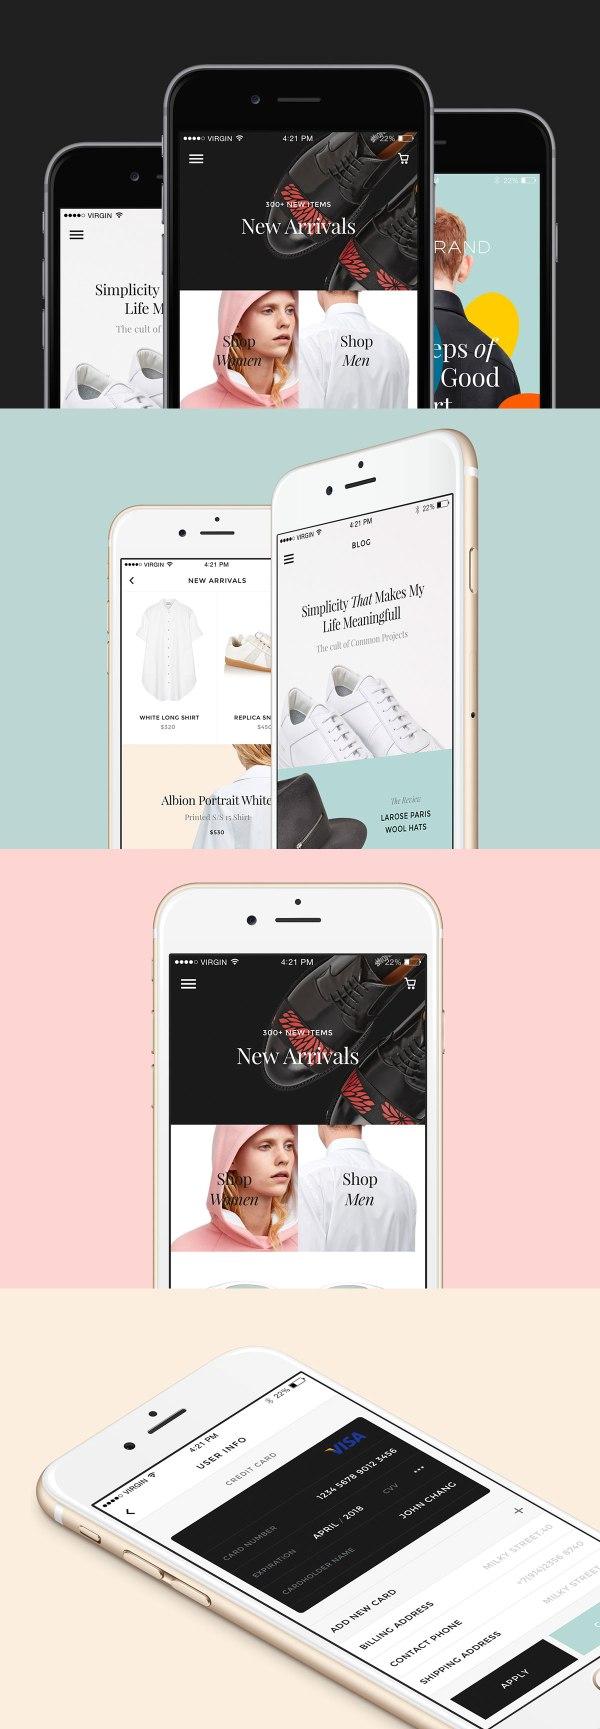 Free UI Kit - Monobrand iOS UI Kit - Sample